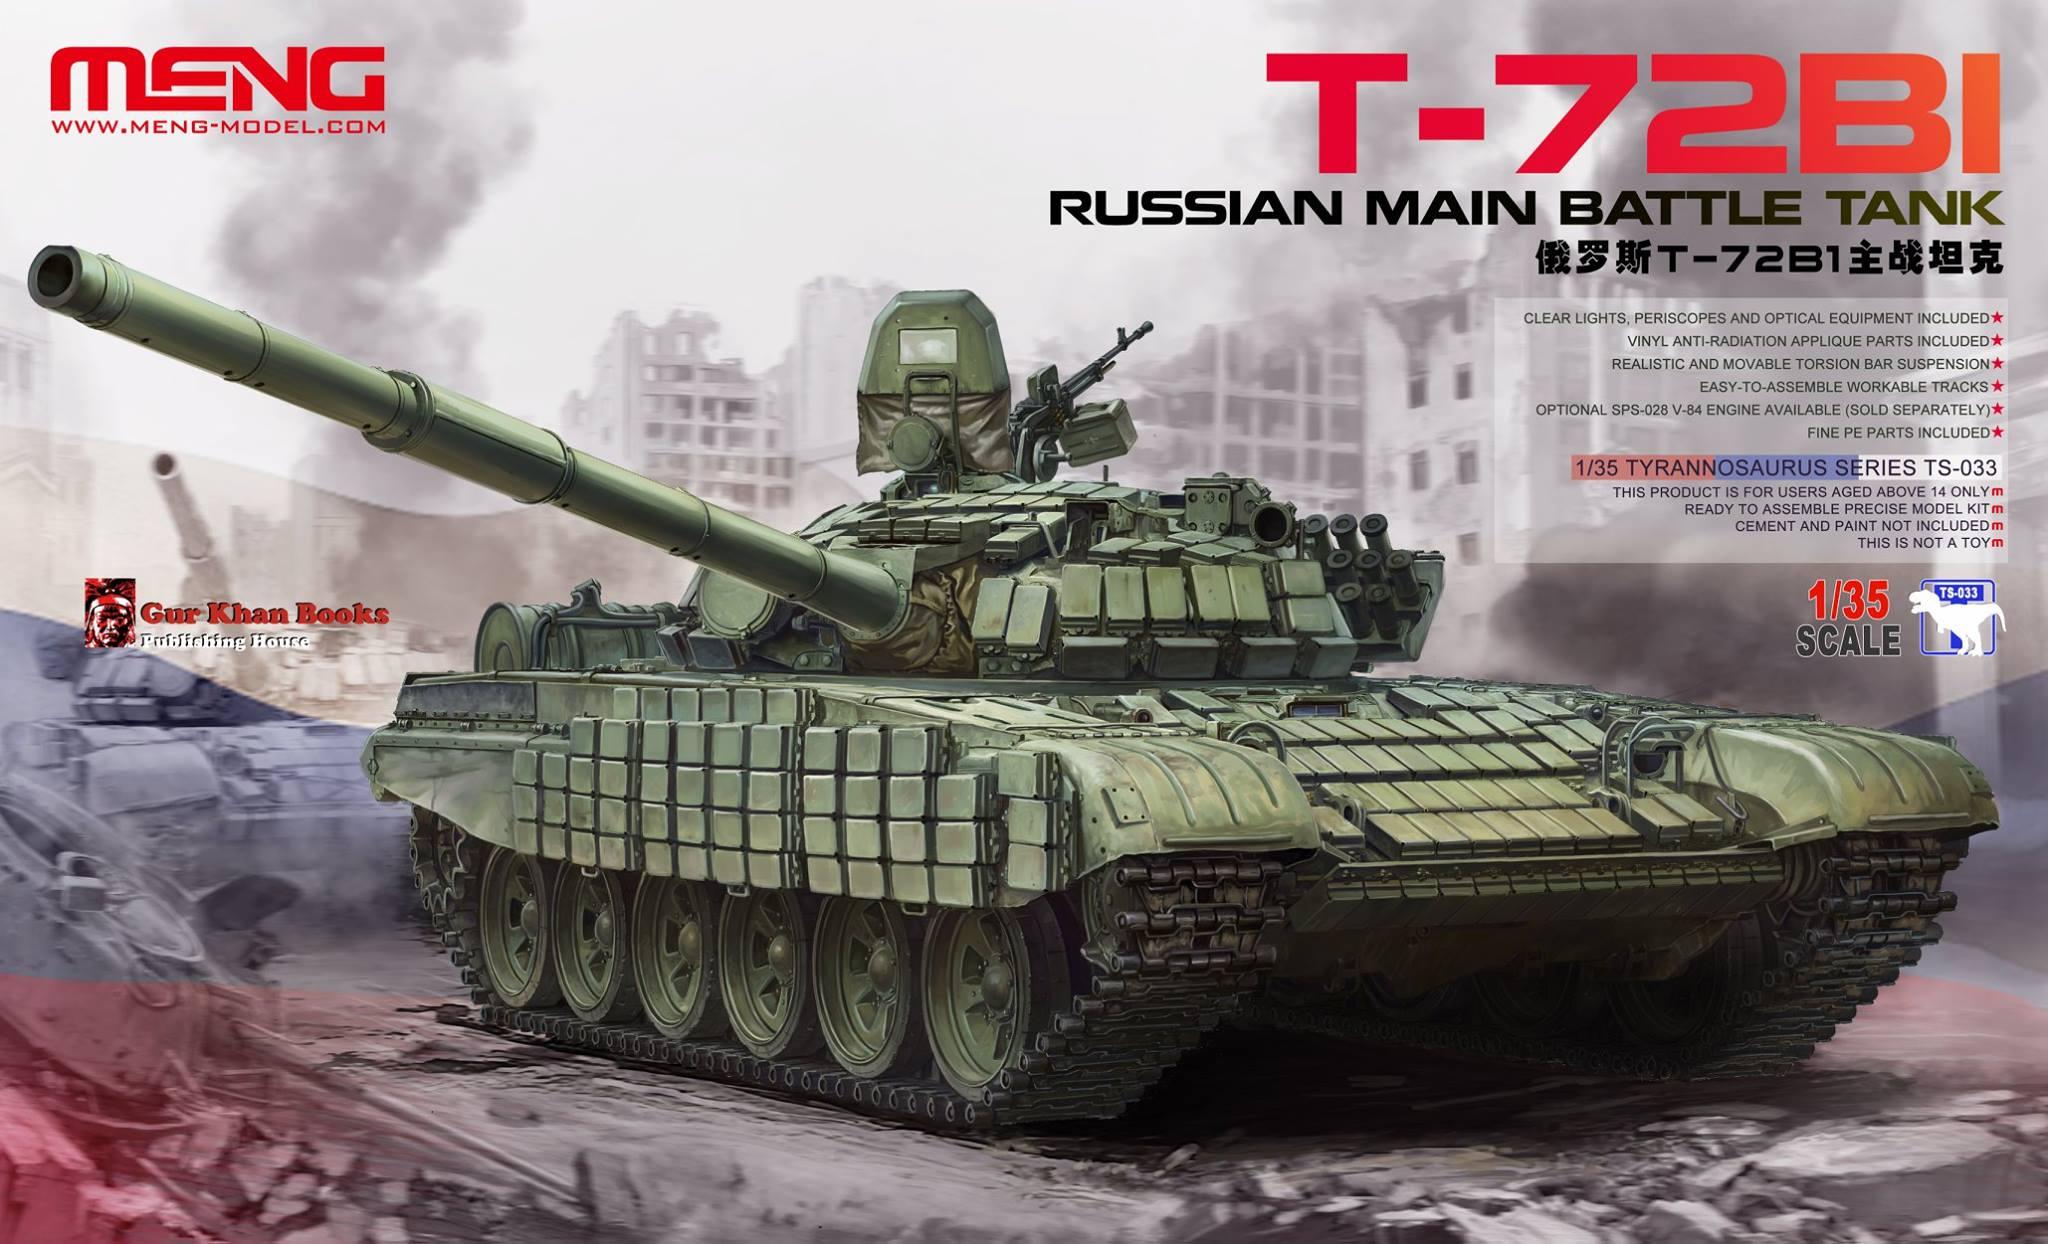 meng 72B-1.jpg